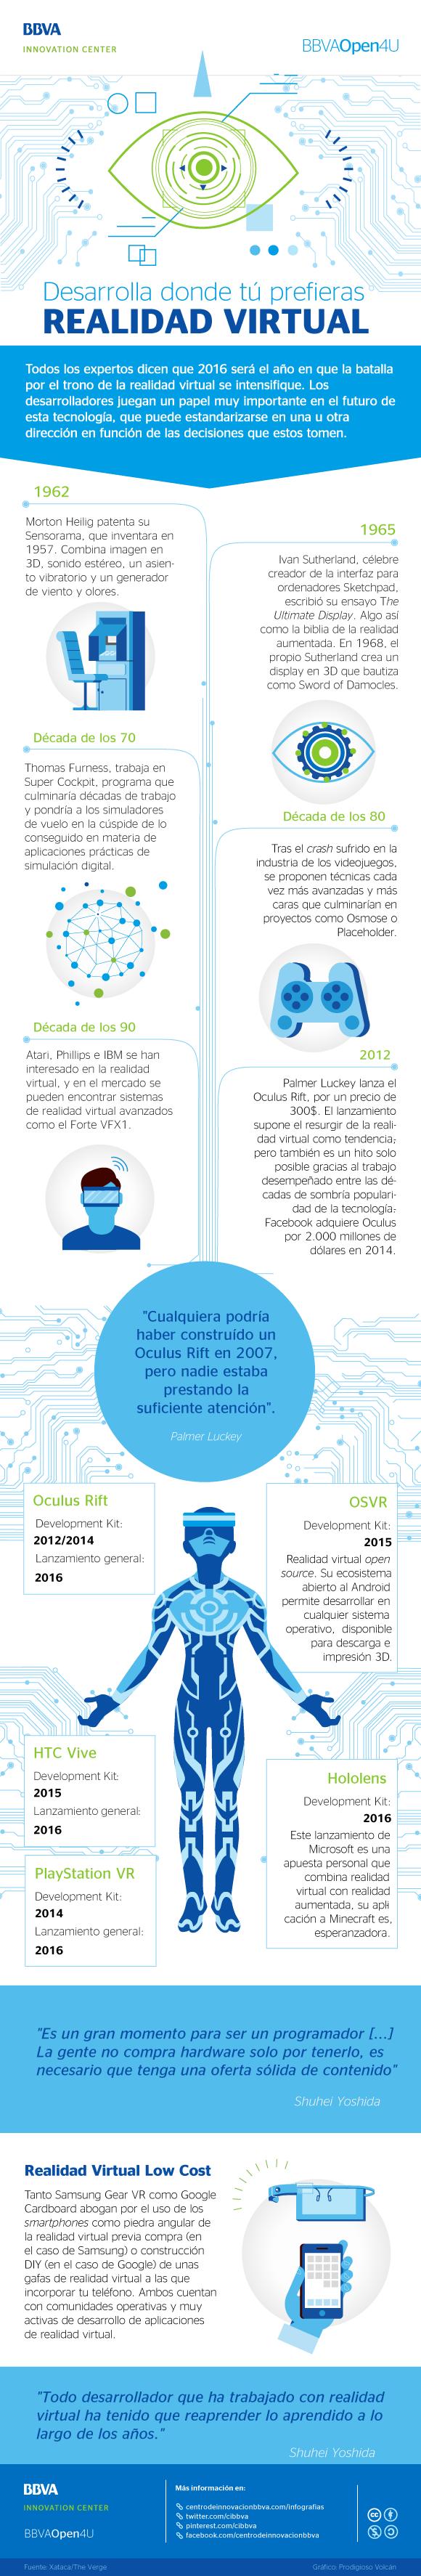 Infografía: desarrolla donde tú prefieras realidad virtual